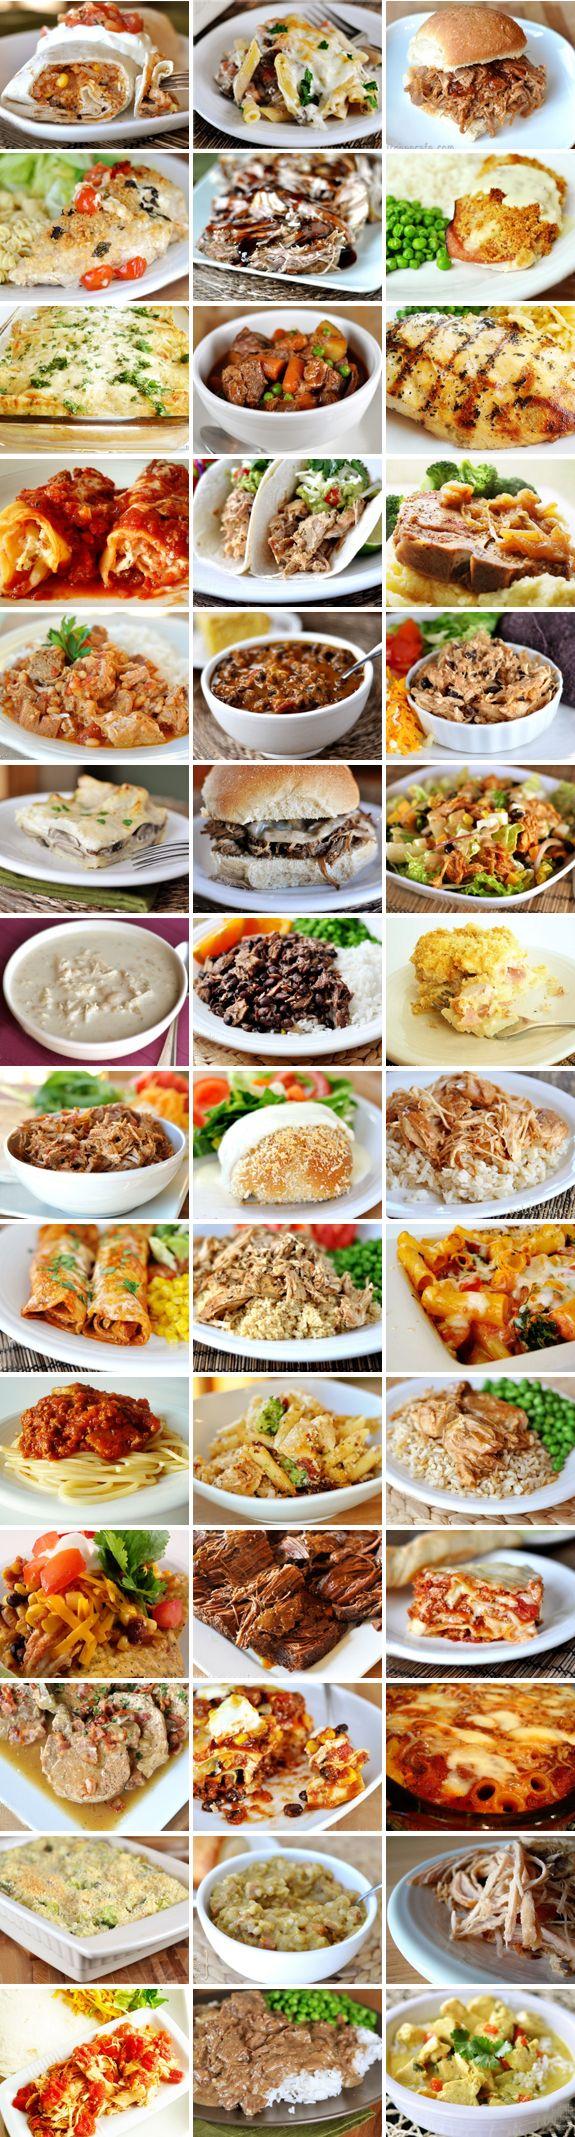 Mel's Kitchen Cafe | 40+ Make Ahead Meals!